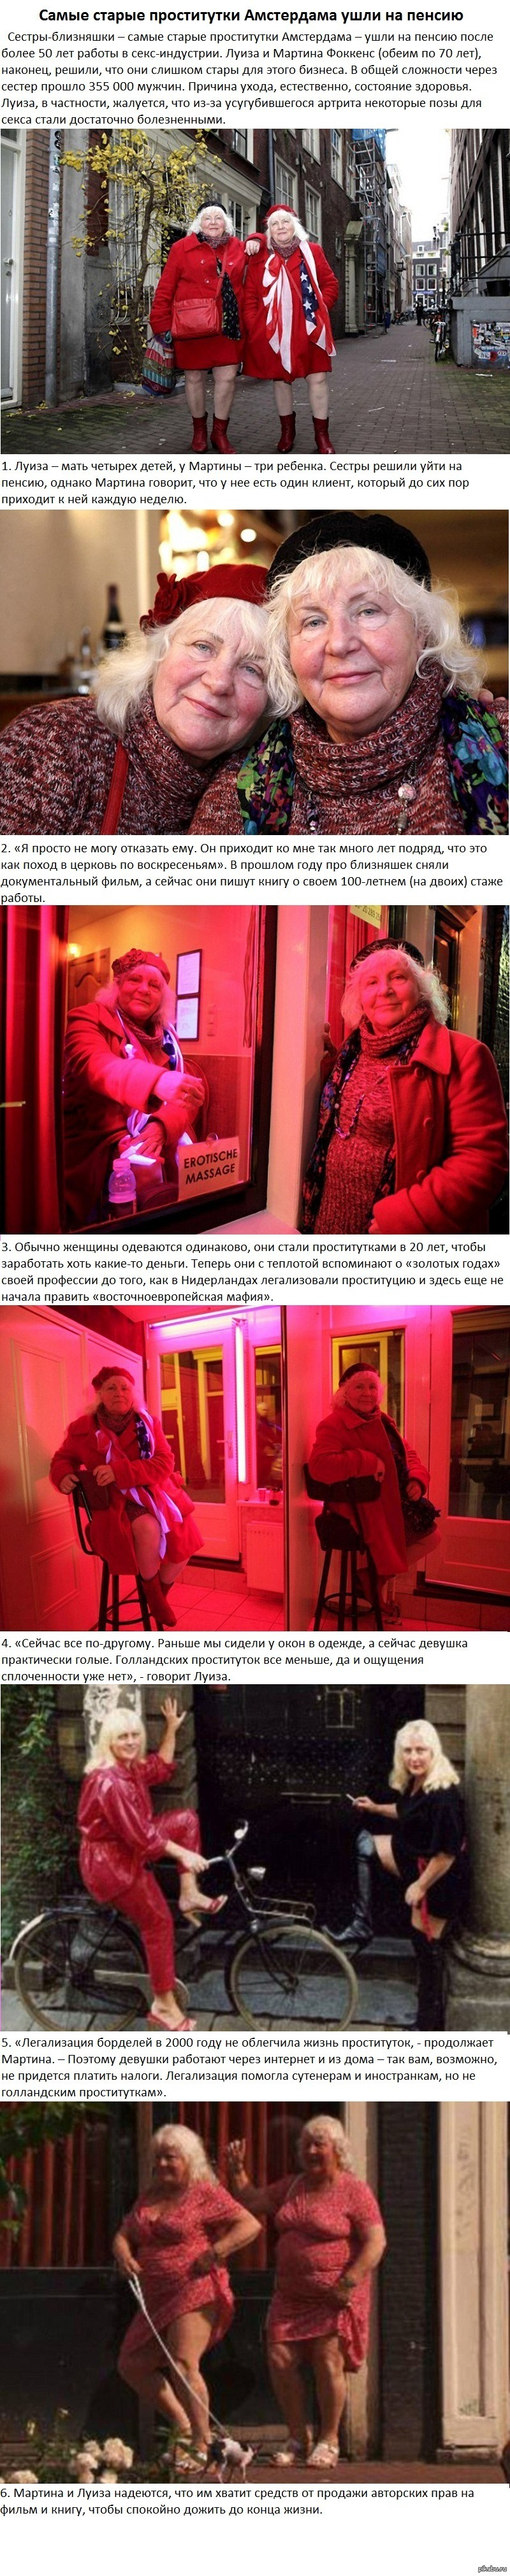 Анекдоты Выходит Проститутка На Пенсию